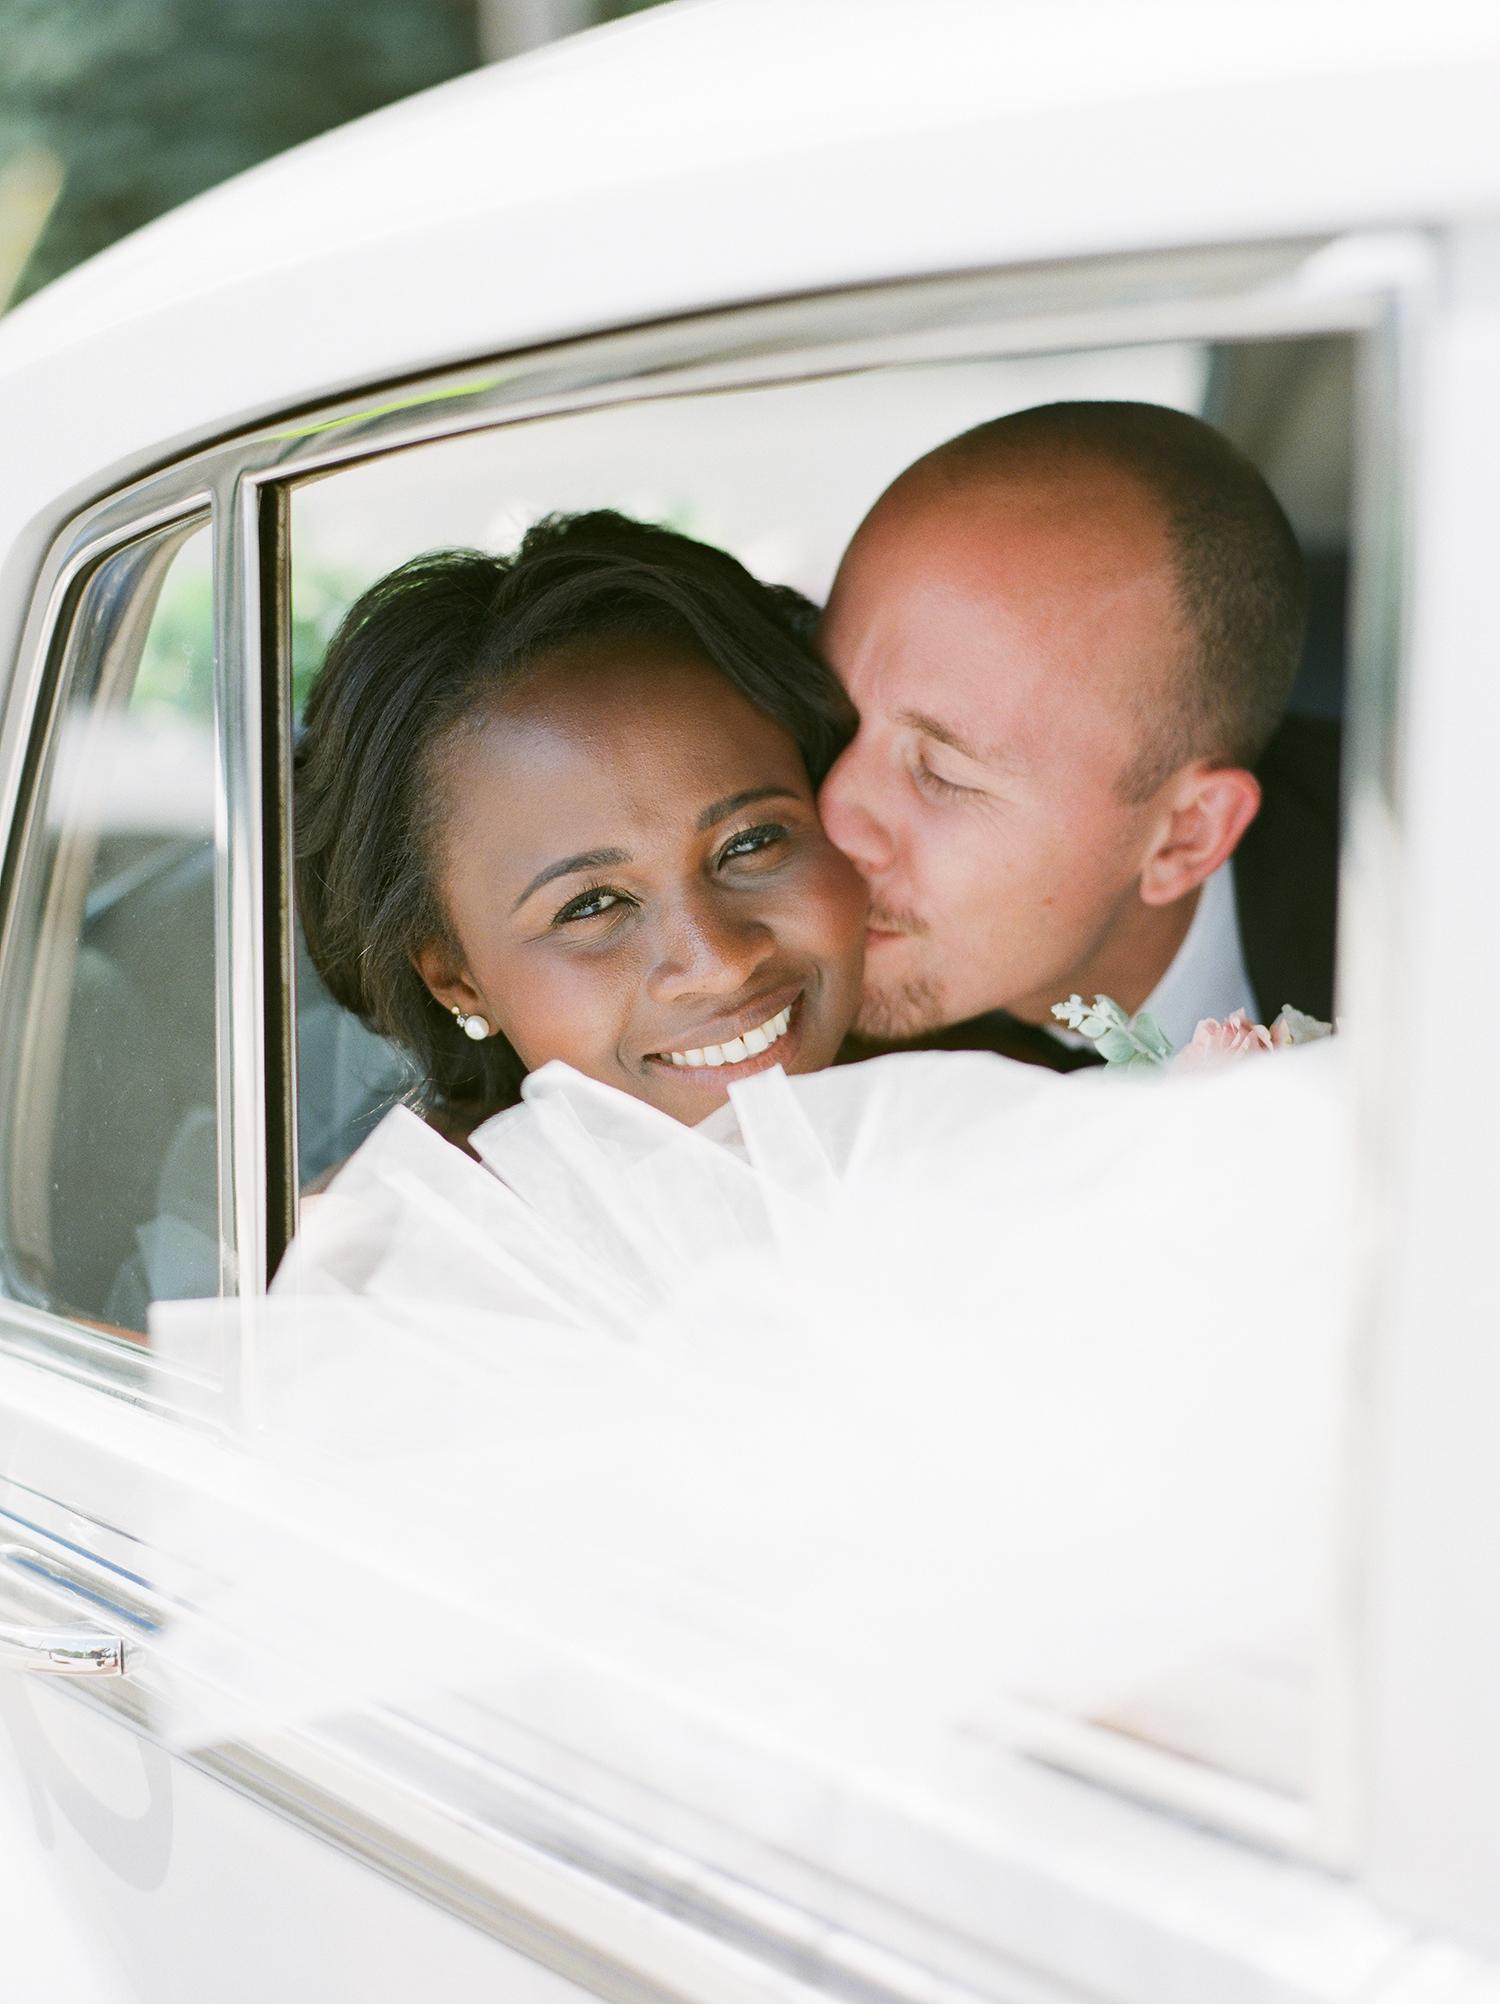 anwuli patrick wedding couple in the car